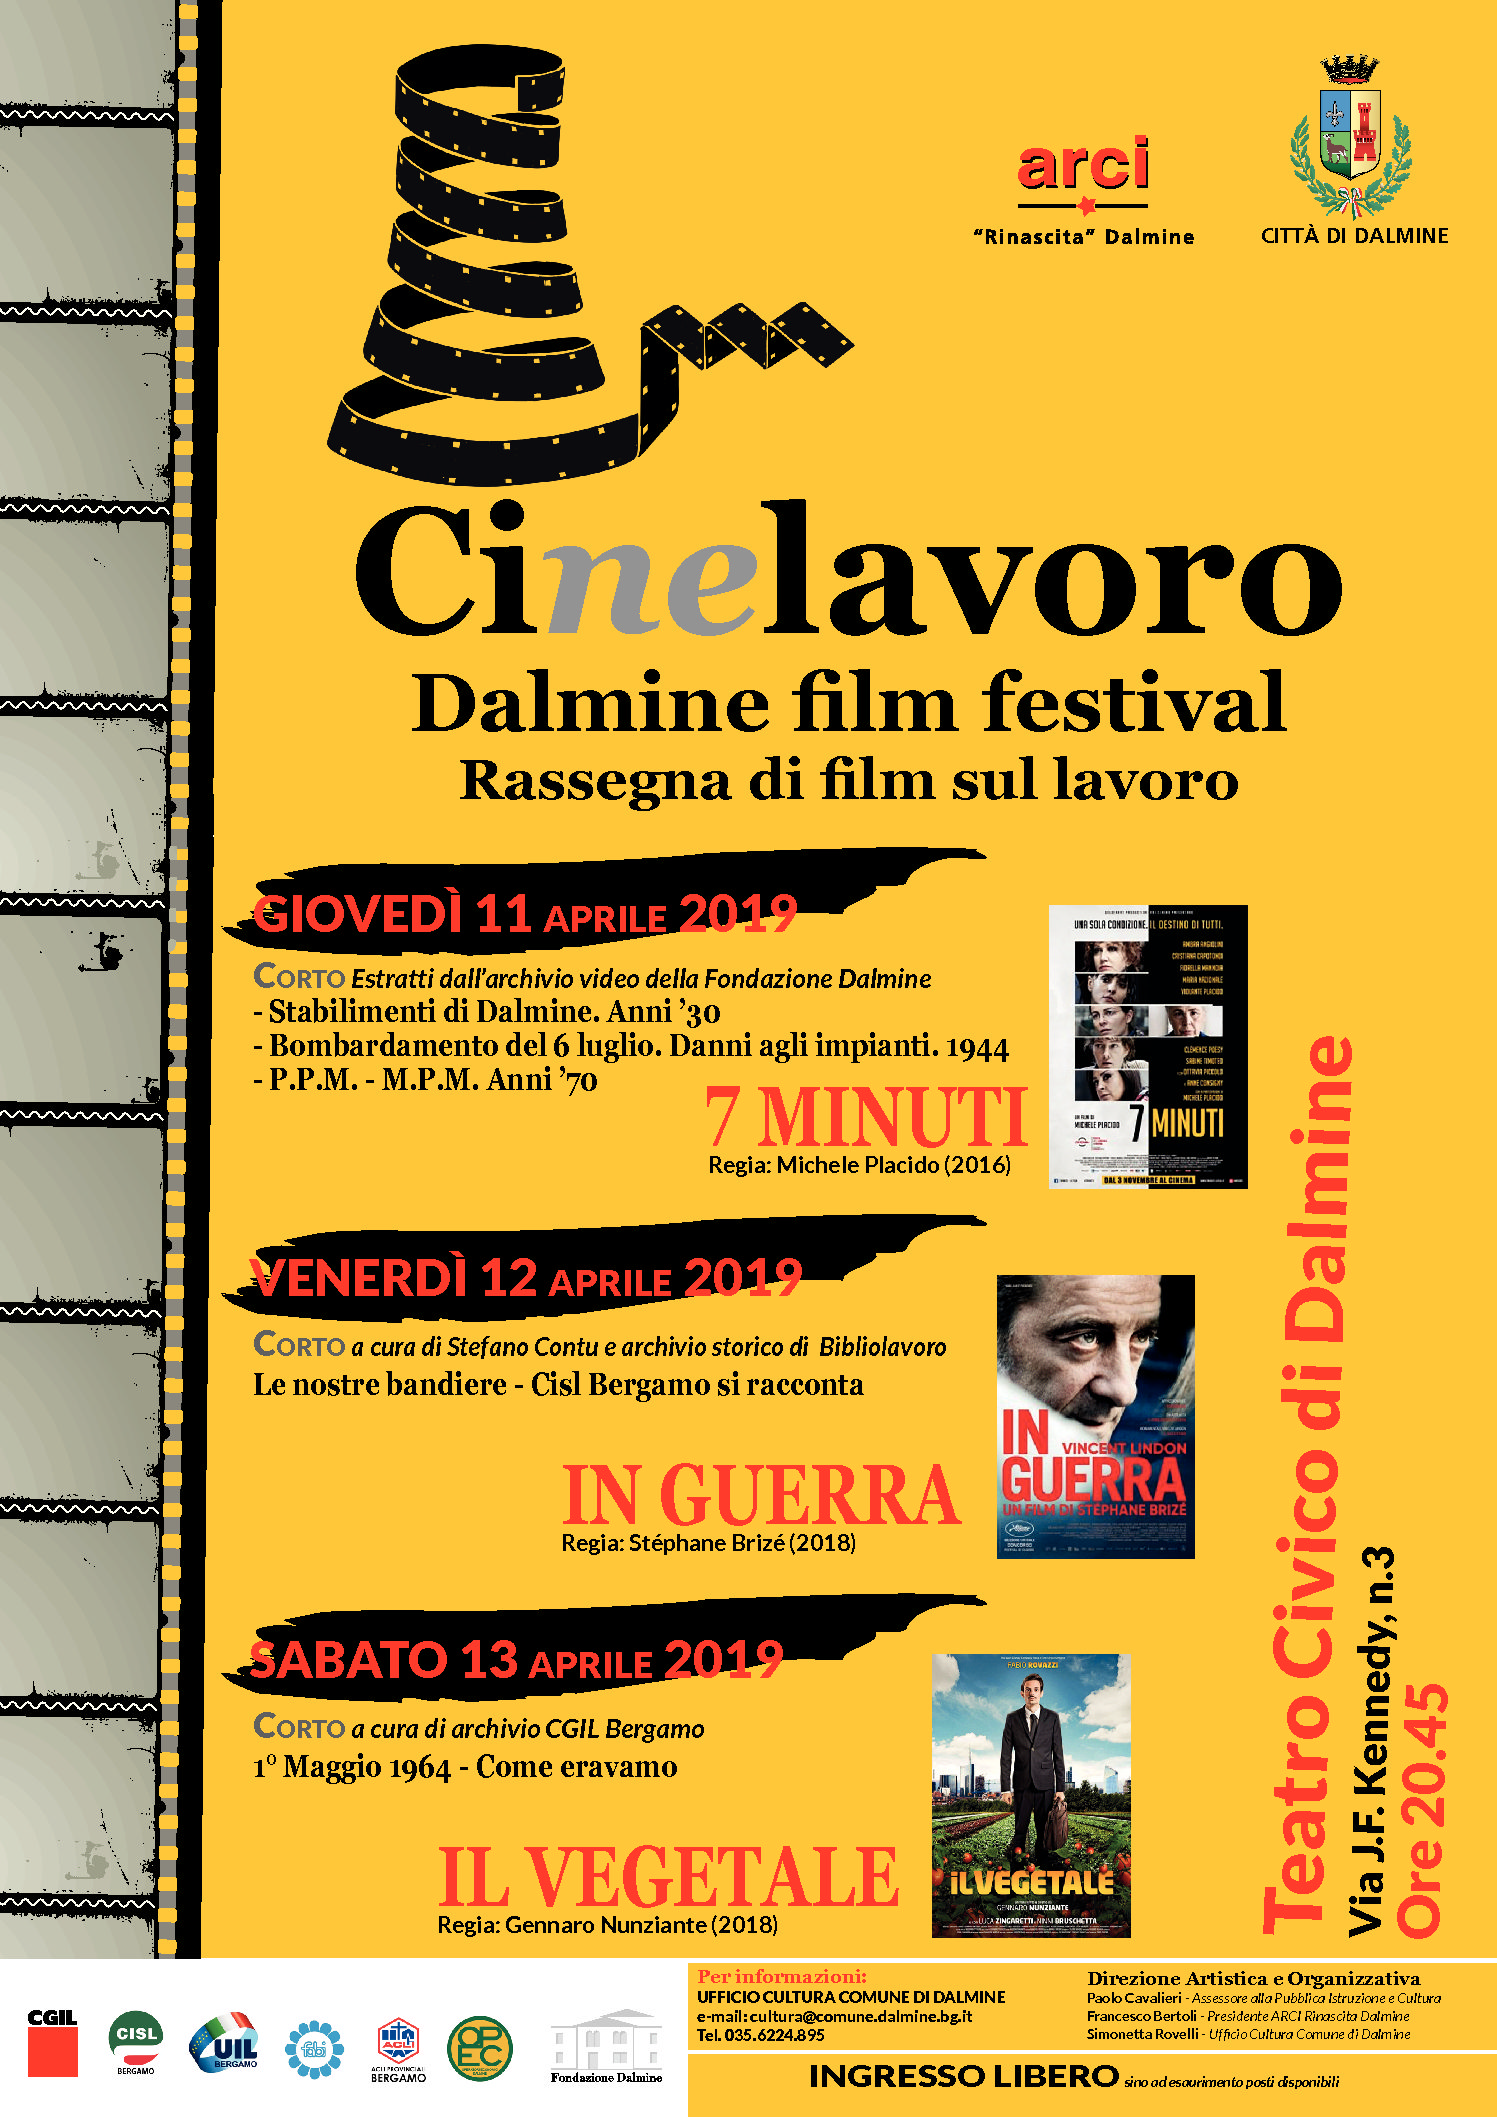 CIne LAVORO: Rassegna Cinematografica